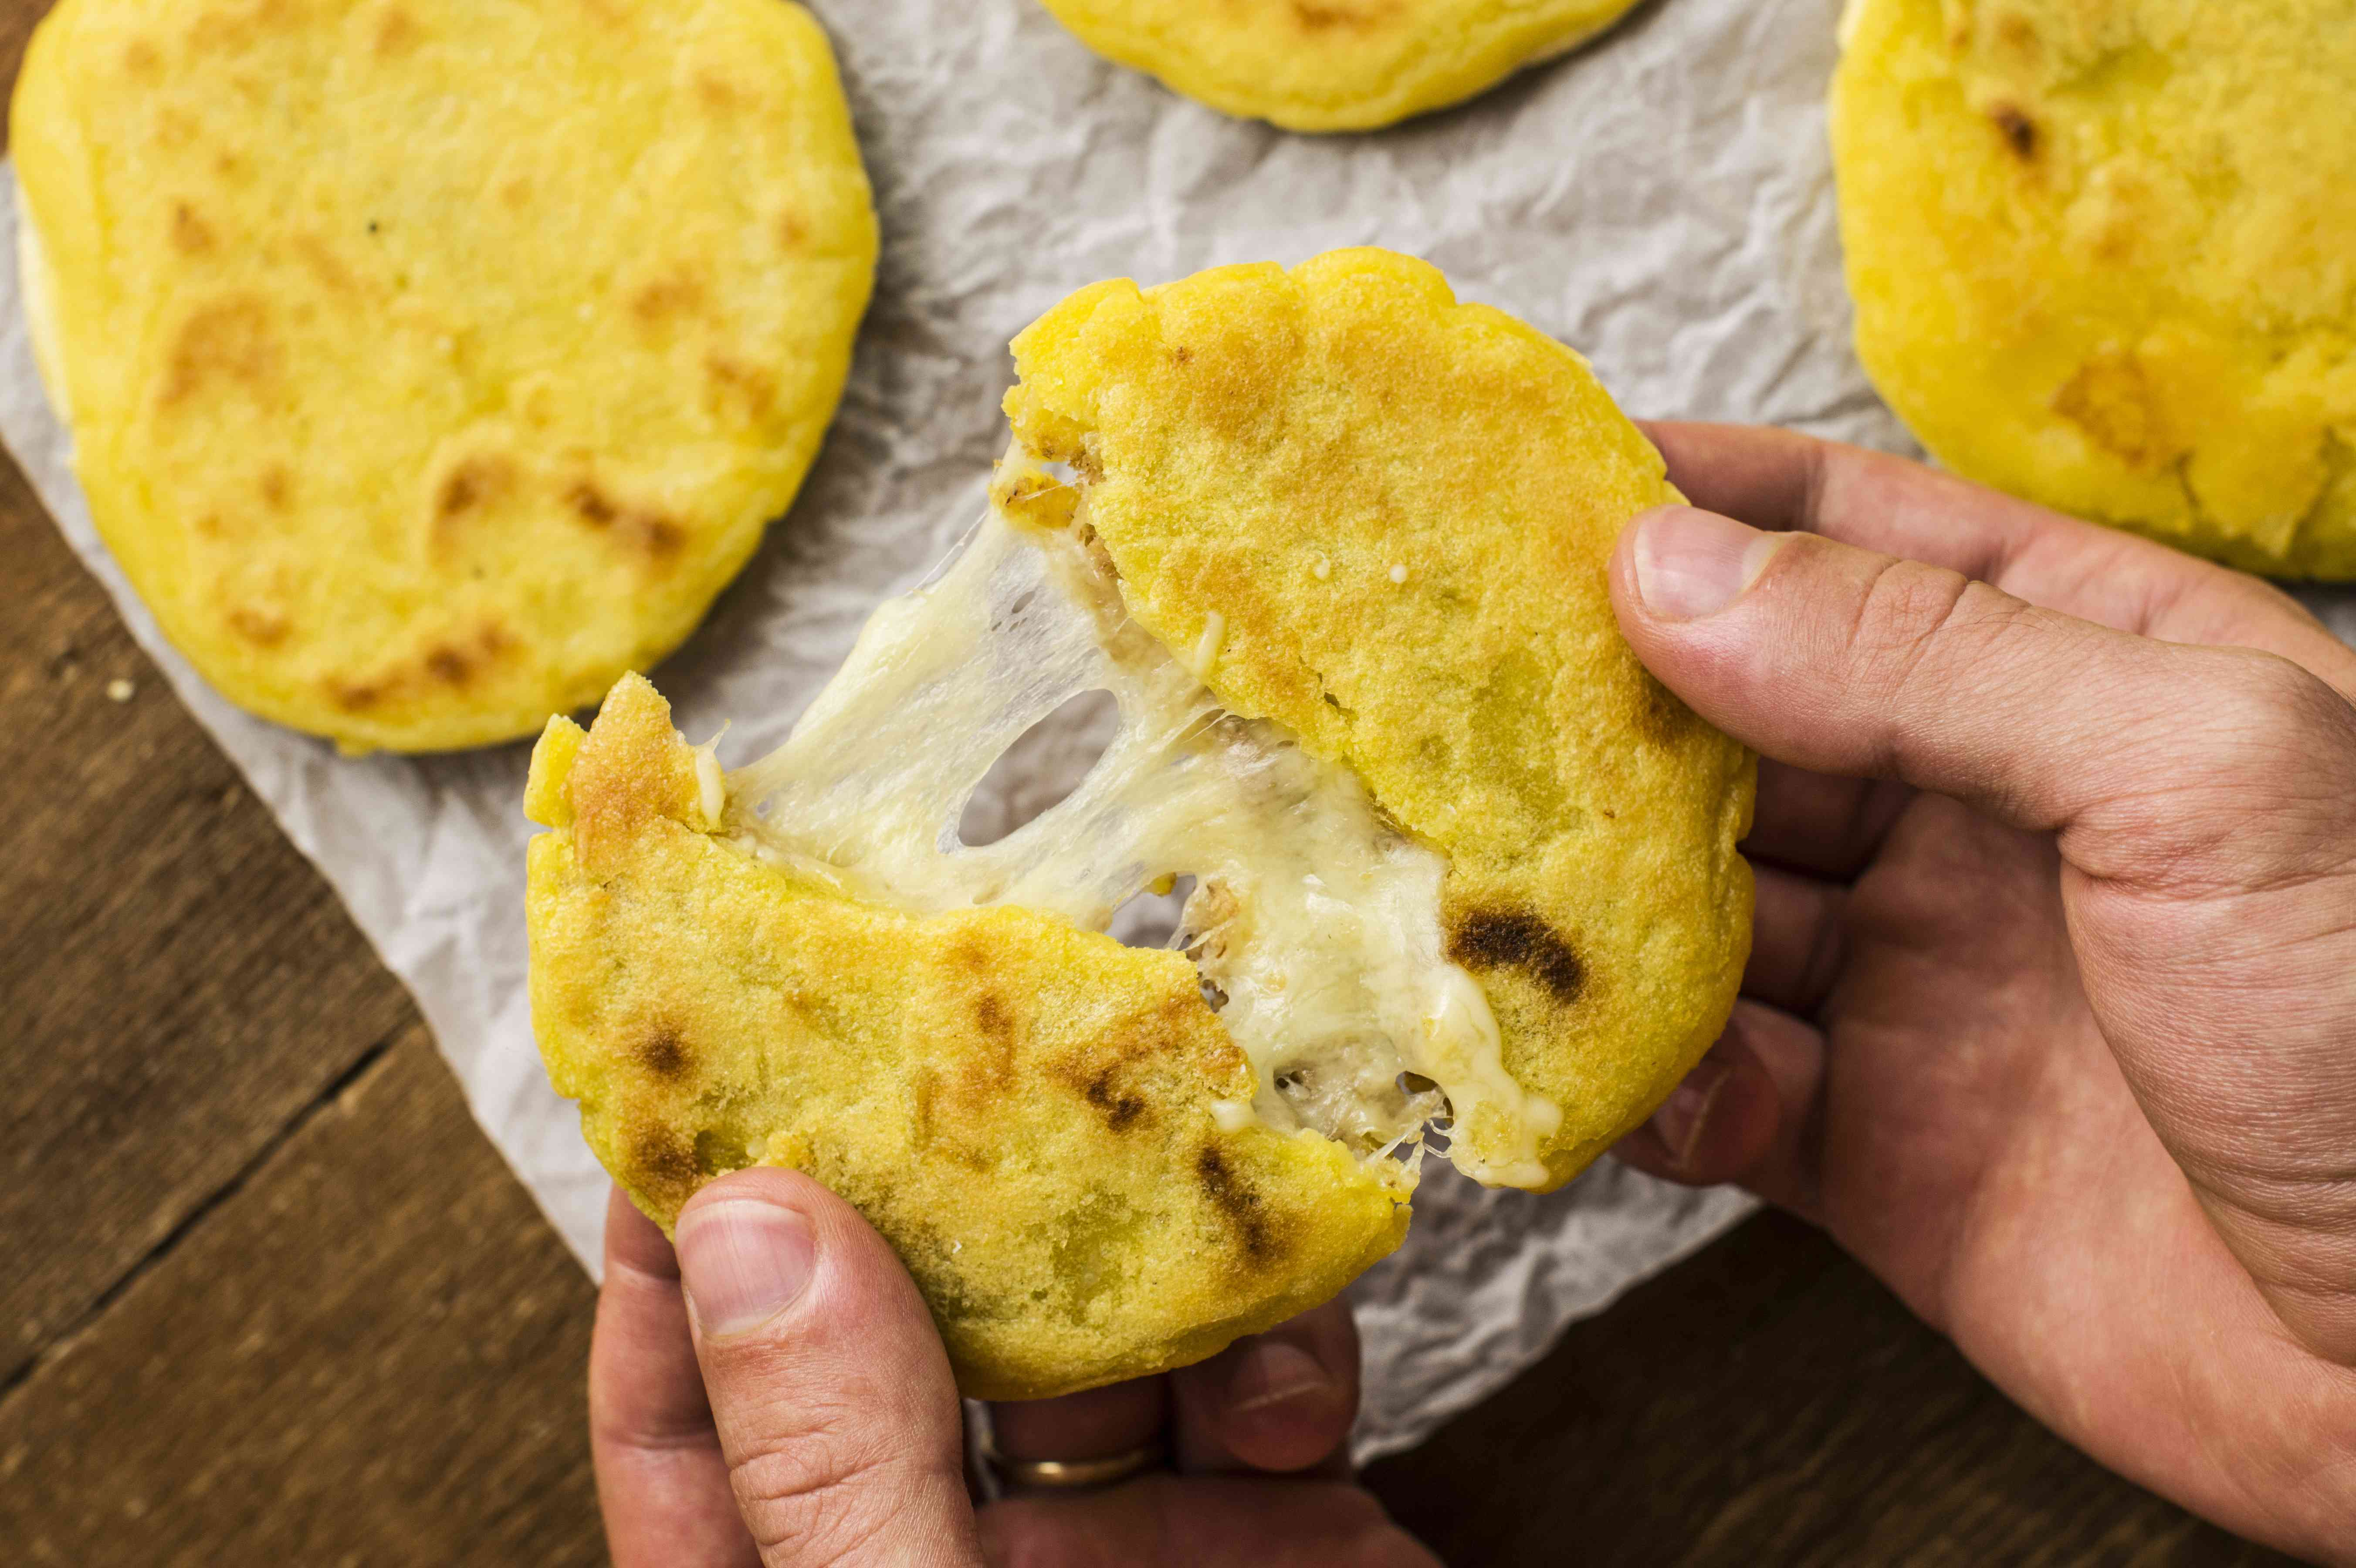 Enjoy Pupusas: Stuffed Corn Tortillas